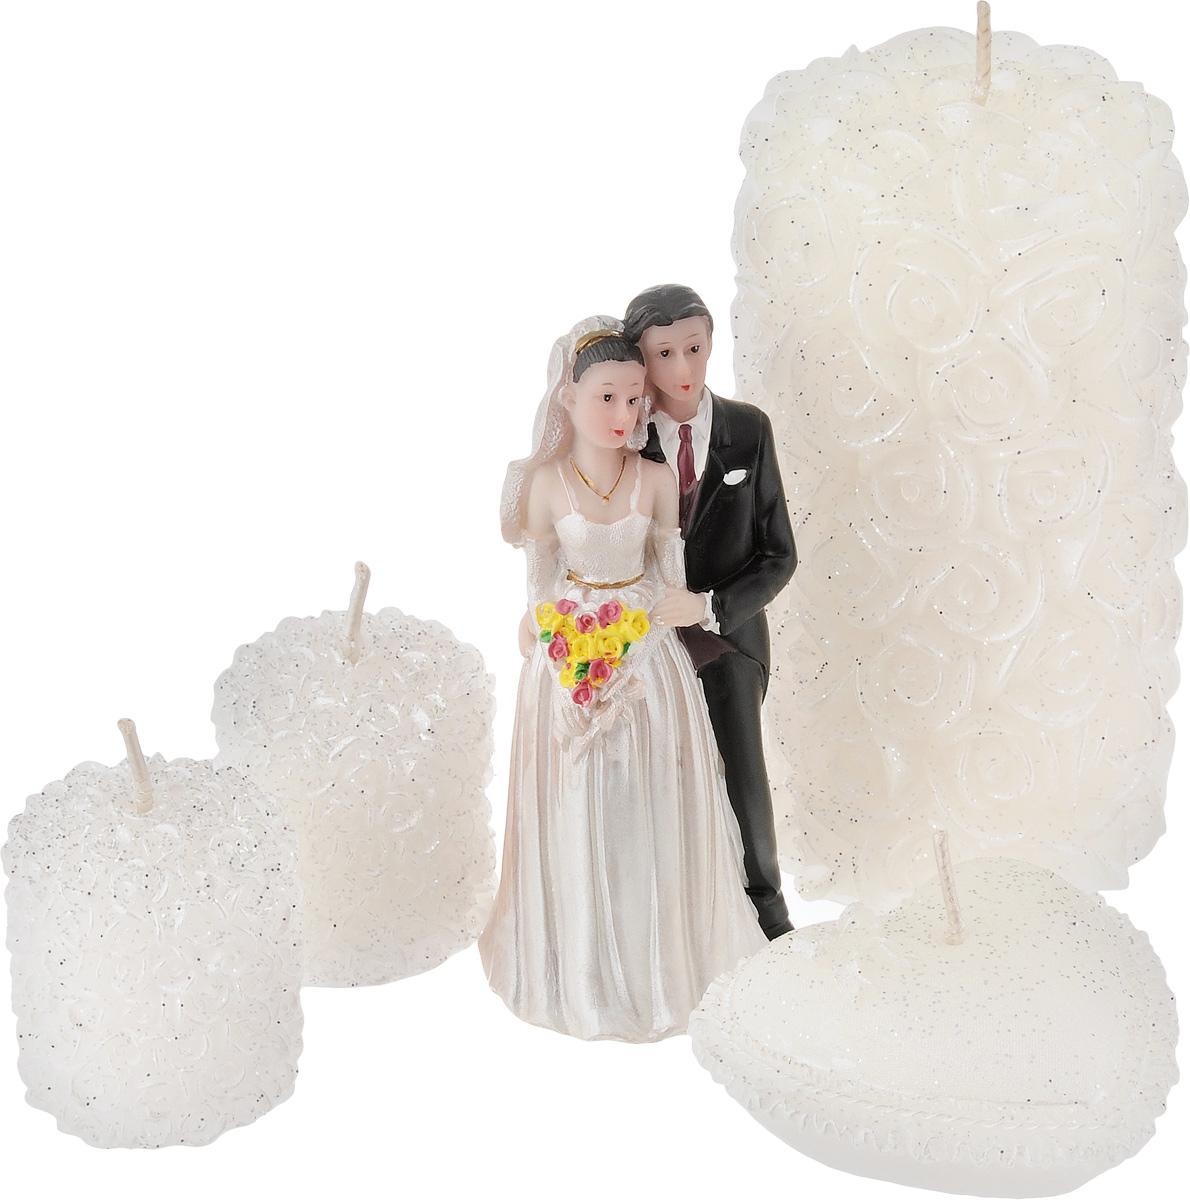 Набор декоративных свечей Win Max Свадебный, 4 шт. 9443594435Набор декоративных свечей Win Max Свадебный представляет собой набор из четырех свечей и фигурки жениха и невесты. Набор упакован в красивую коробку и перевязан лентой. Свечи создают атмосферу уюта и романтики. Яркая свеча будет прекрасным дополнением к вашему празднику. Симпатичный сувенир послужит отличным подарком. Размеры свечей: - одна свеча 6 х 6 х 11 см, - одна свеча 6,5 х 6,5 х 2,5 см, - две свечи 3,5 х 3,5 х 4 см, Размер статуэтки: 4,5 х 4,5 х 10 см.